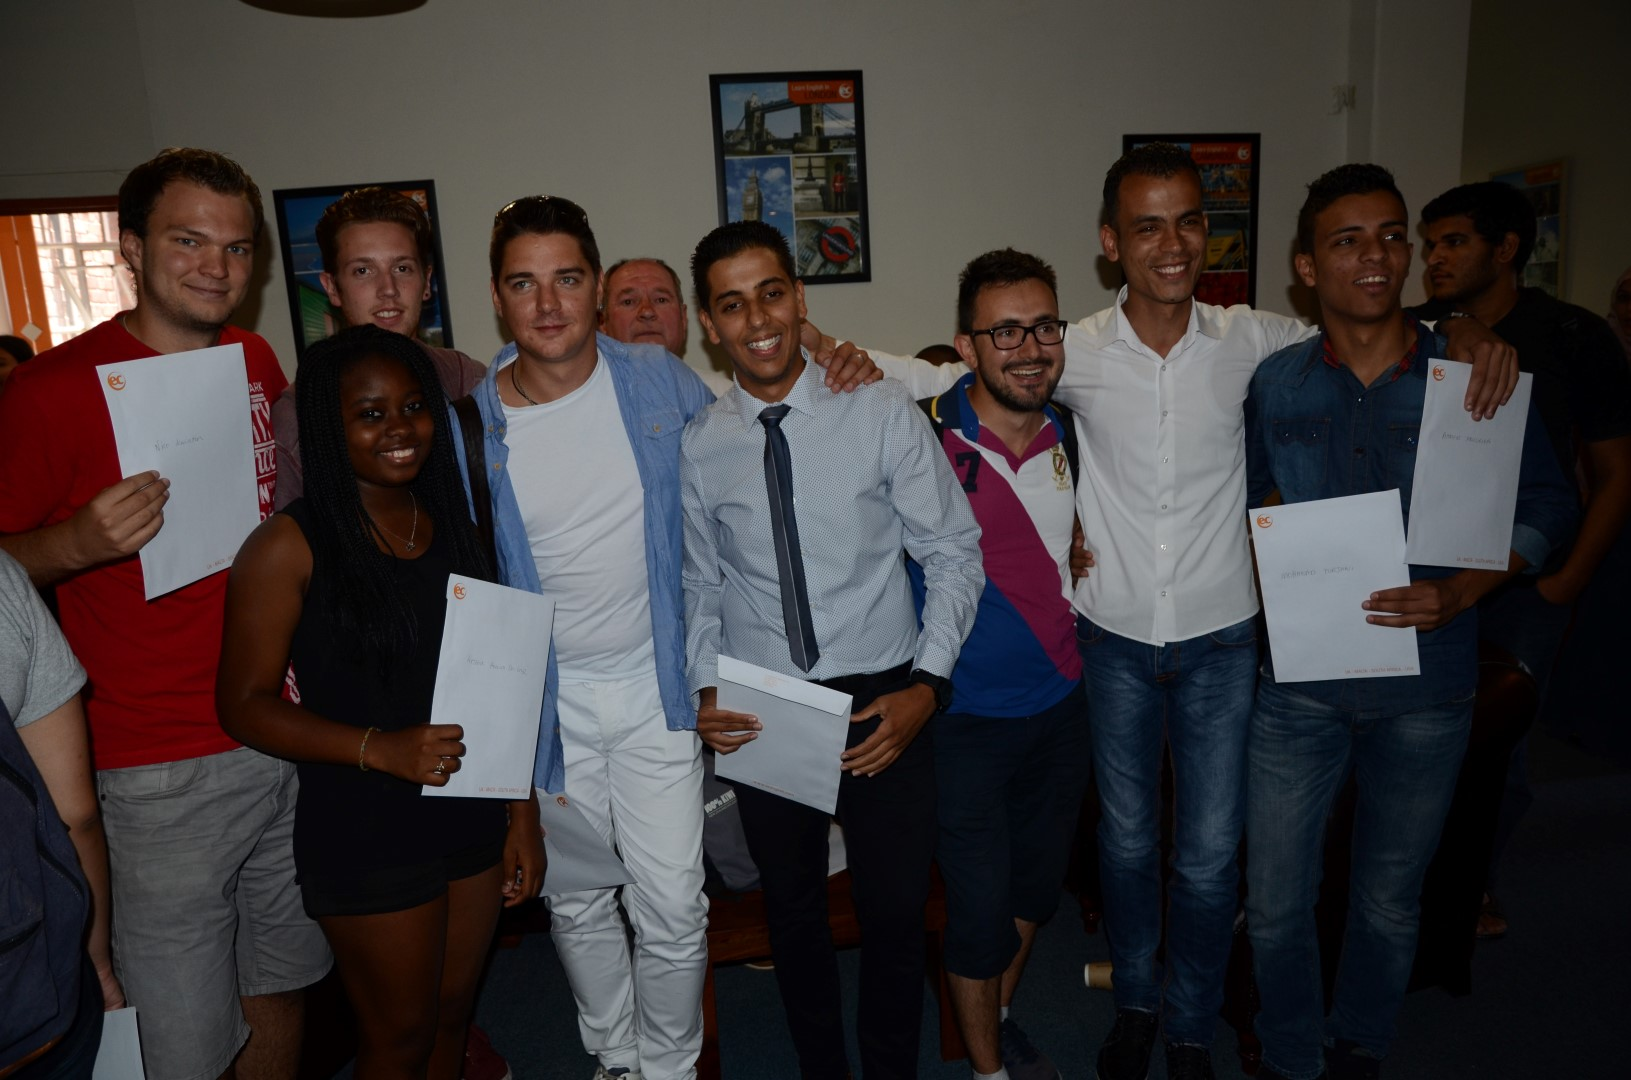 Graduation EC students